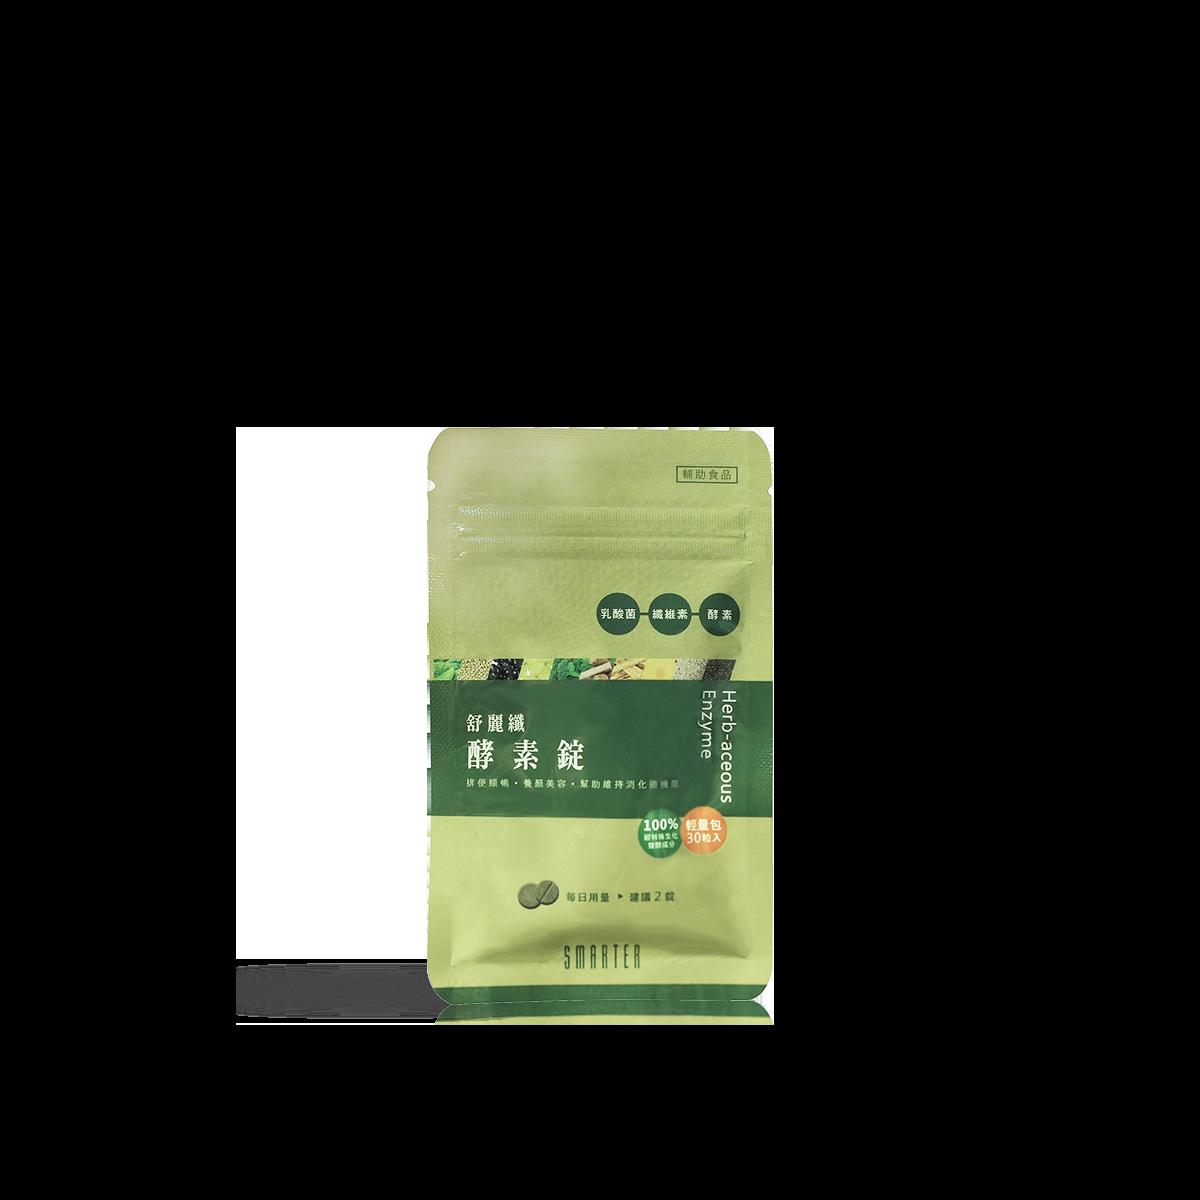 舒麗纖酵素錠/隨身包